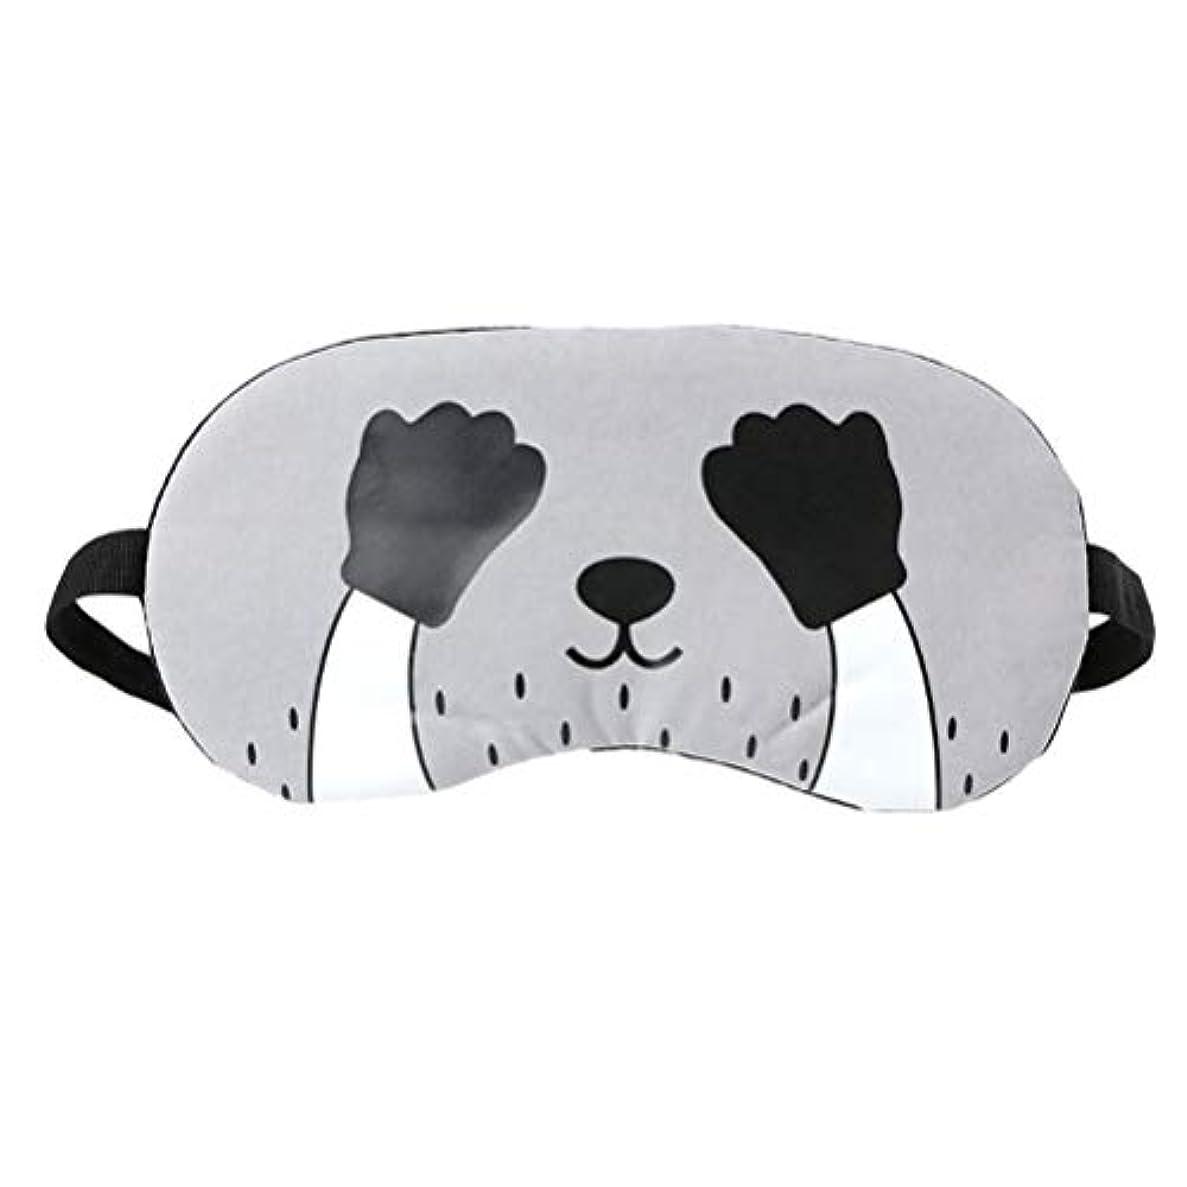 チャーム失速すべてHEALIFTY 眠る目のマスクかわいい漫画のプリント氷の圧縮睡眠マスク目隠しの女の子のための